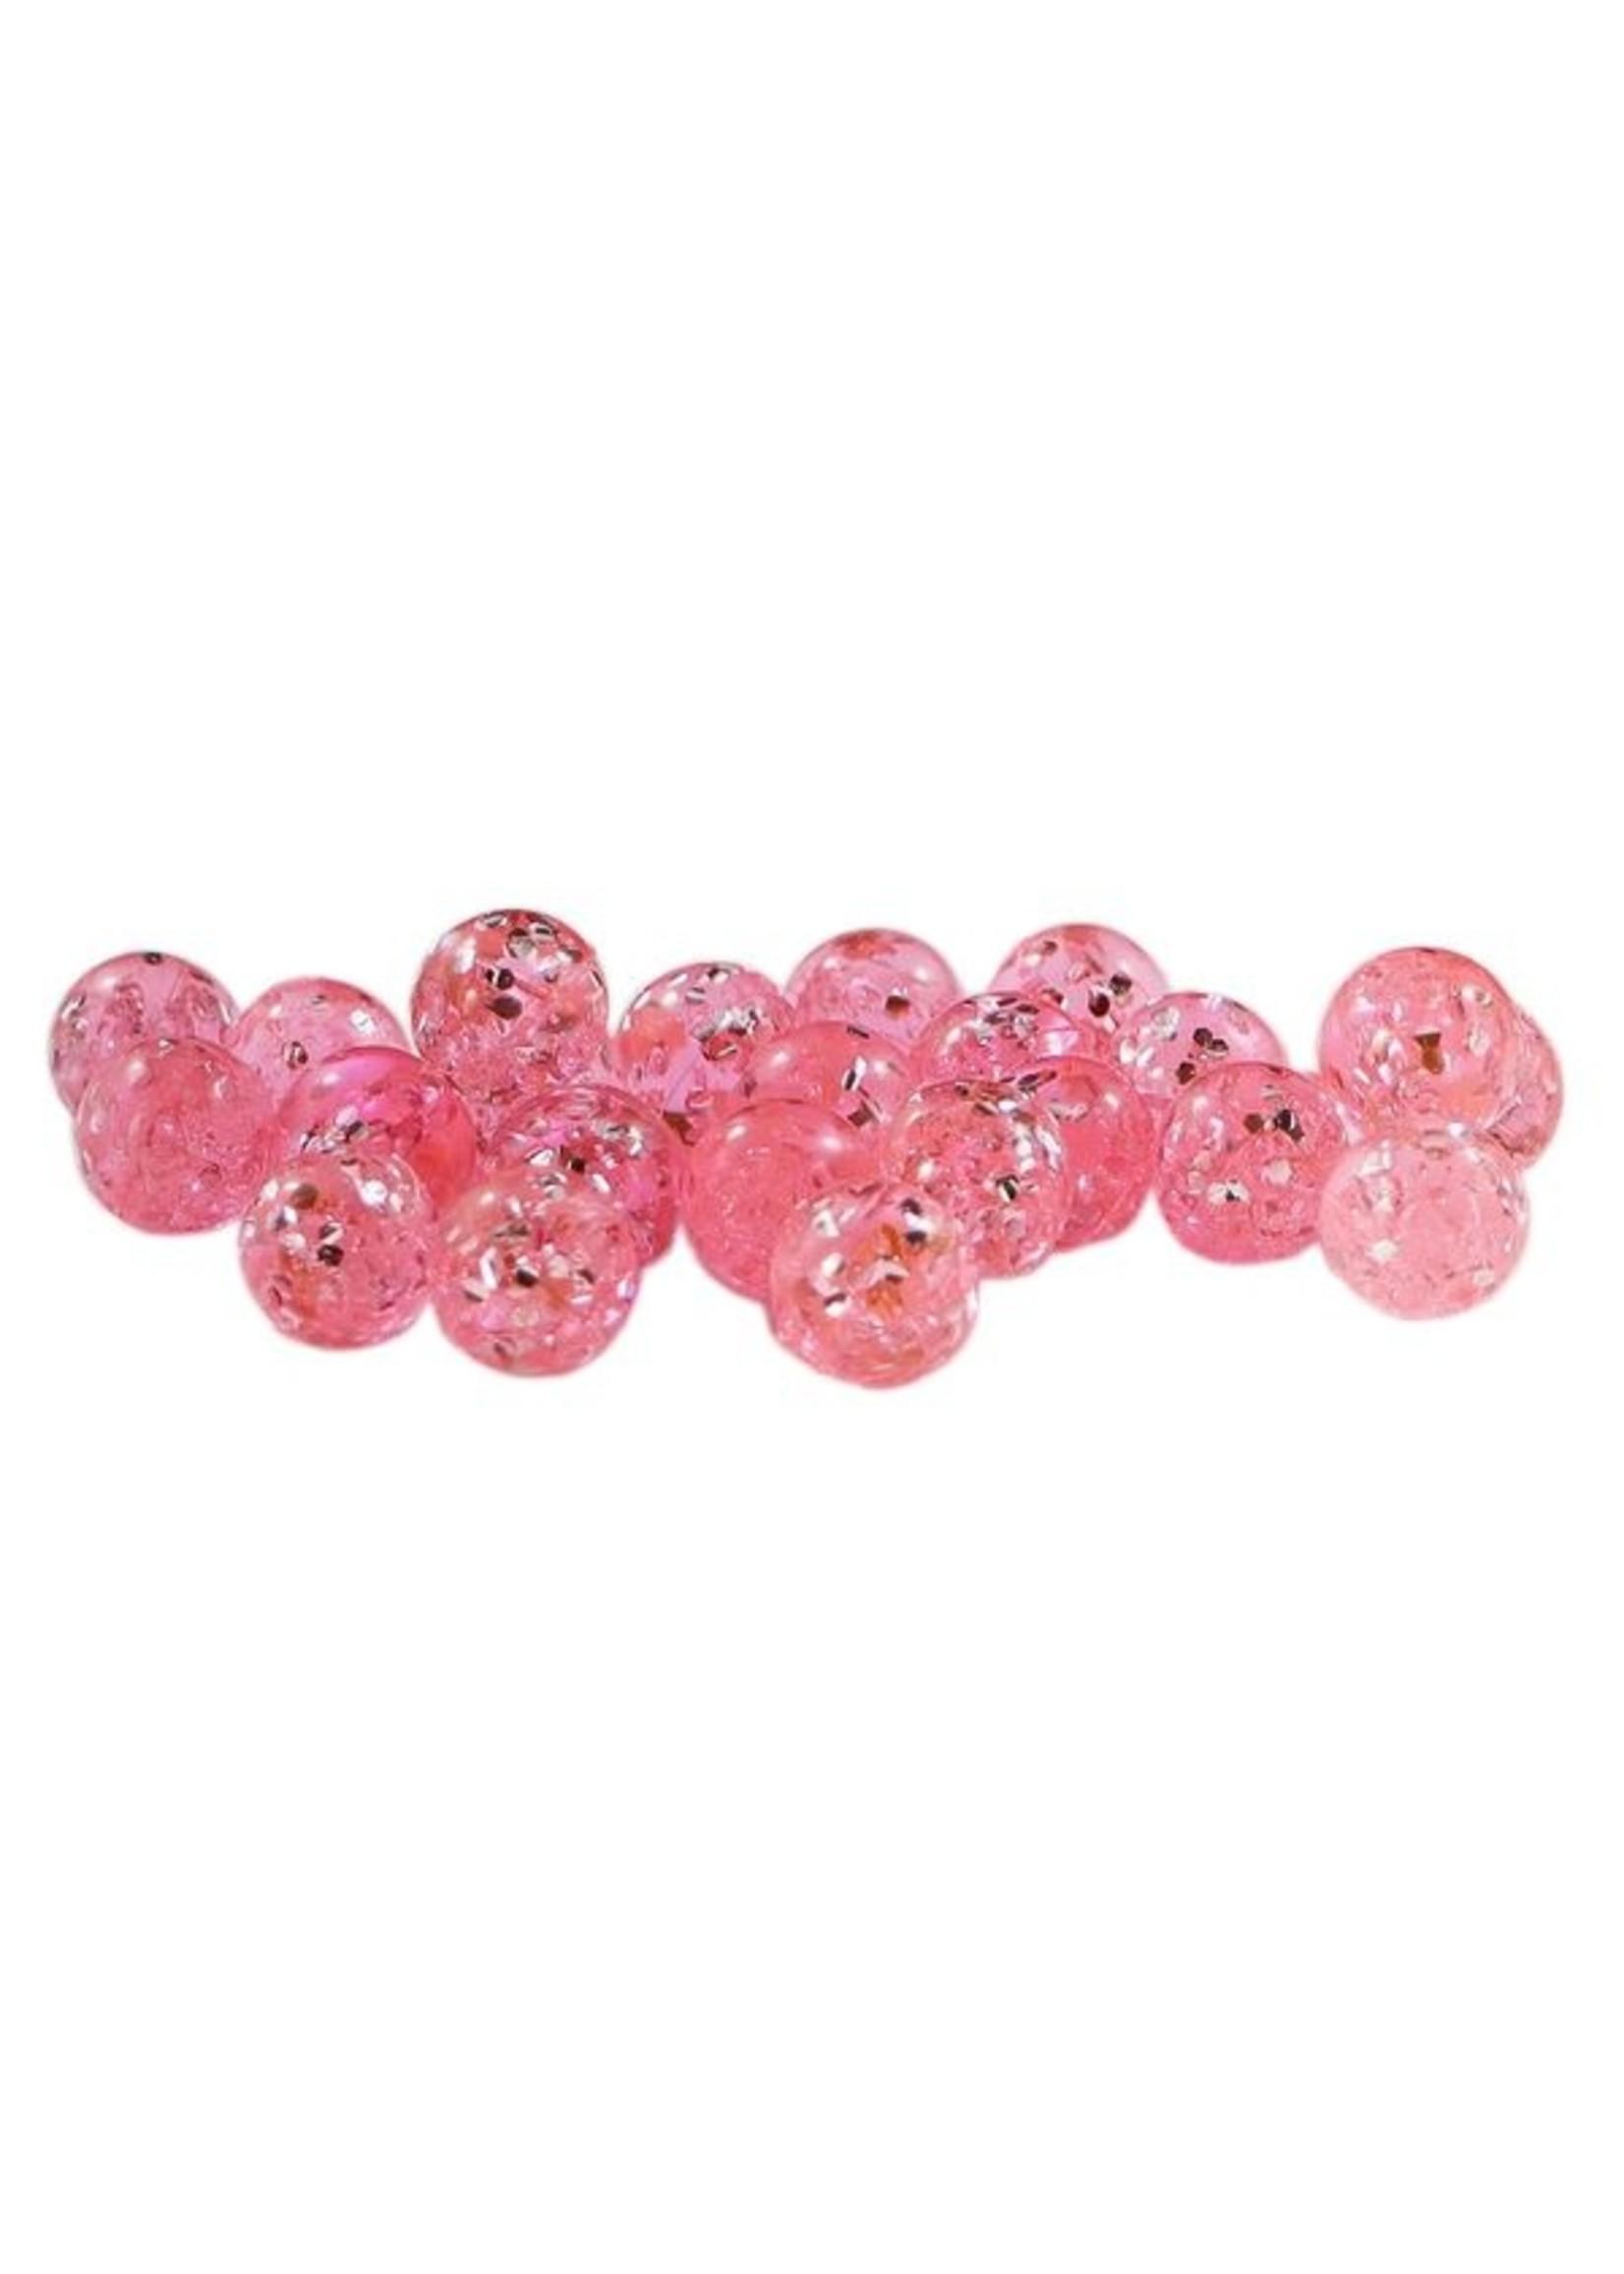 Cleardrift Cleardrift Glitter Bomb Soft Beads Candy Apple 14mm